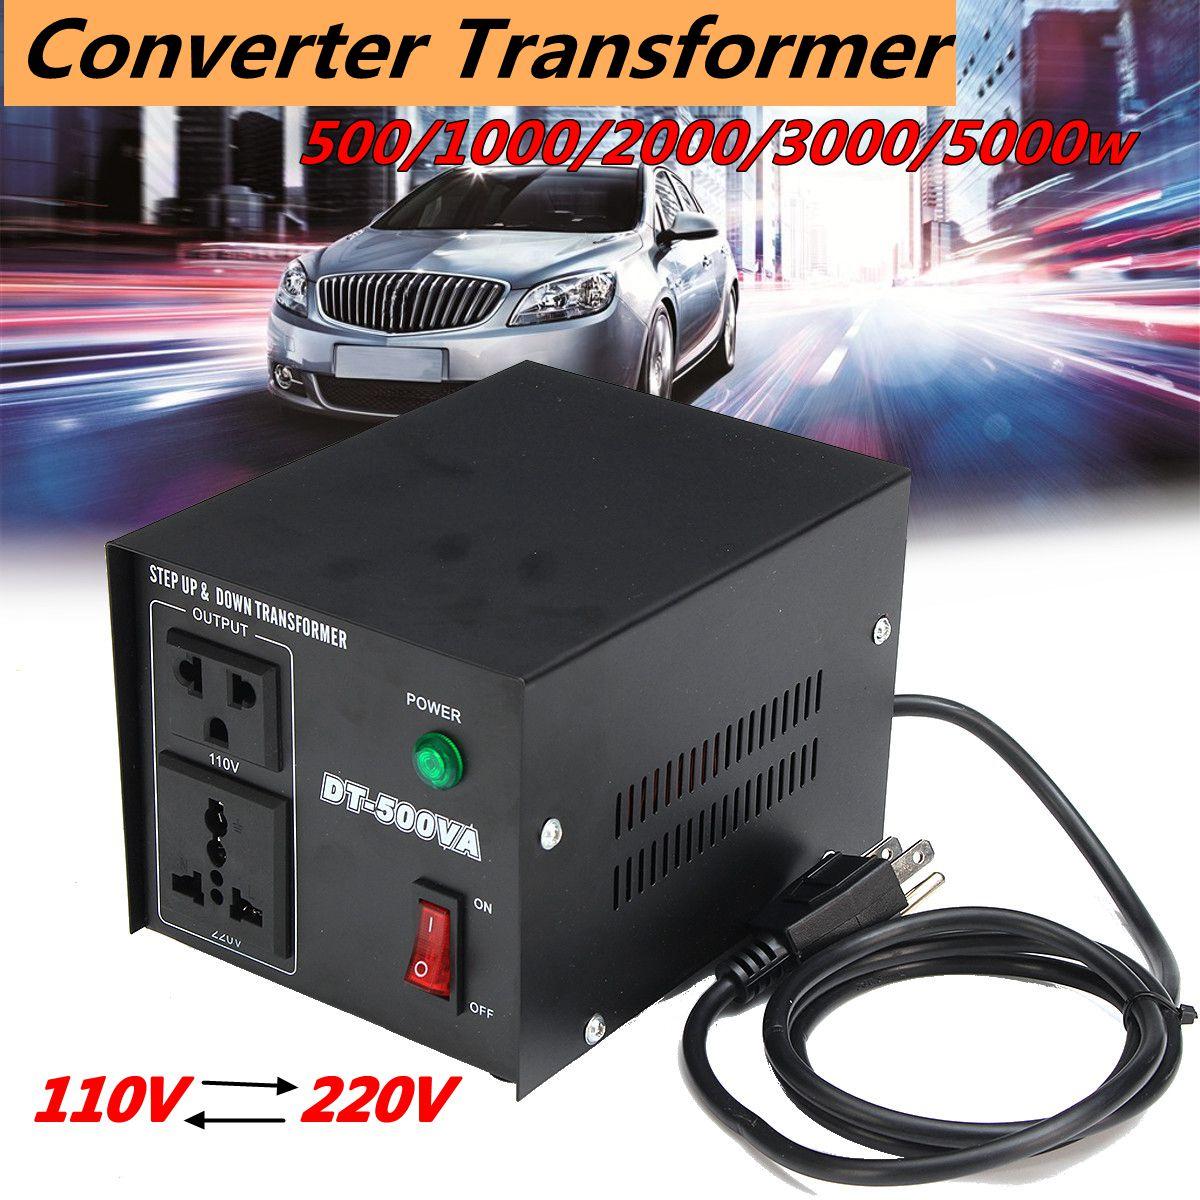 5001000200030005000 w transformador de potencia resistente 02